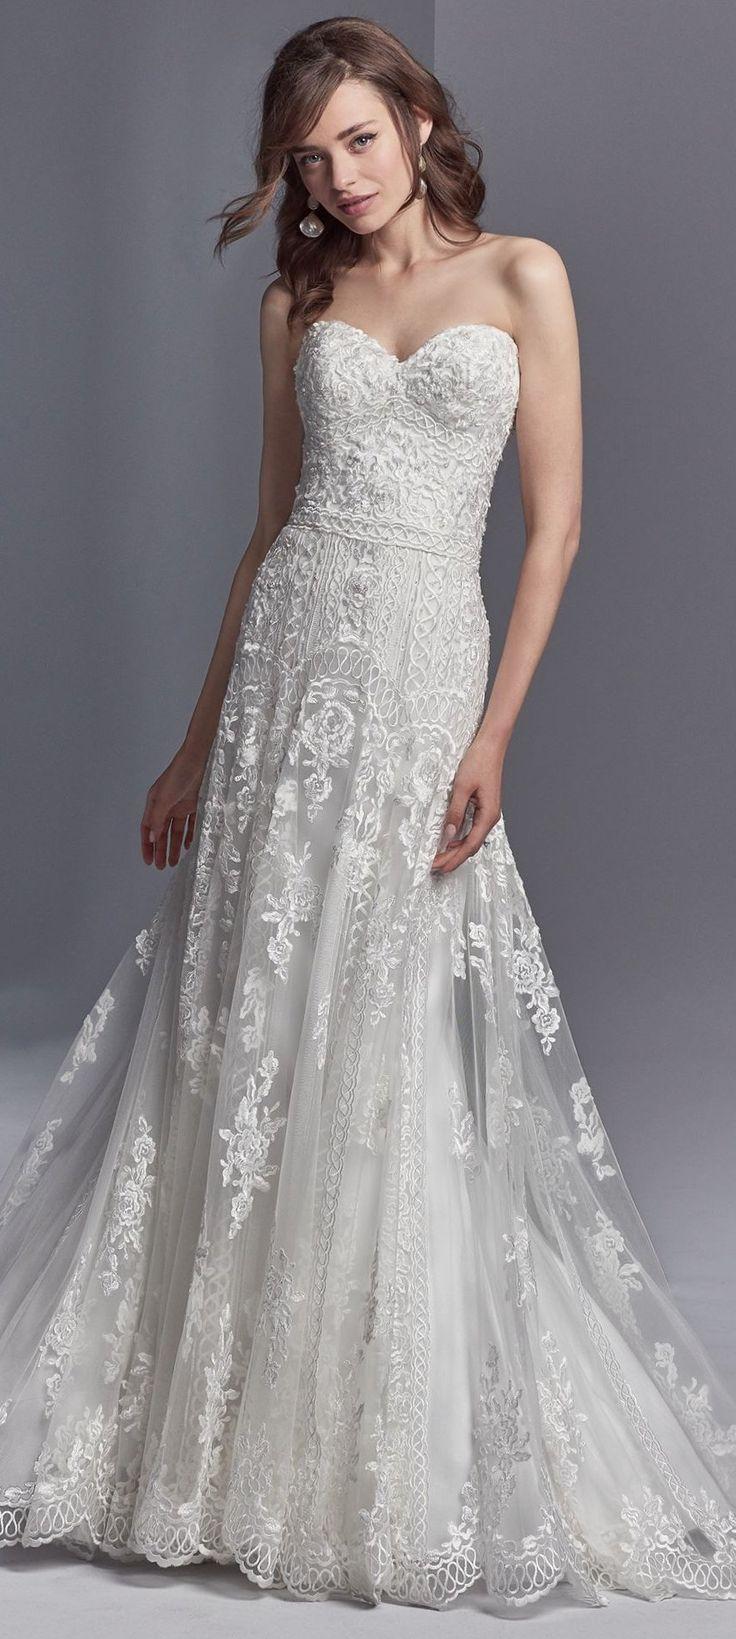 Kleiden Maggie Sottero Wedding Dresses 2791785 Weddbook